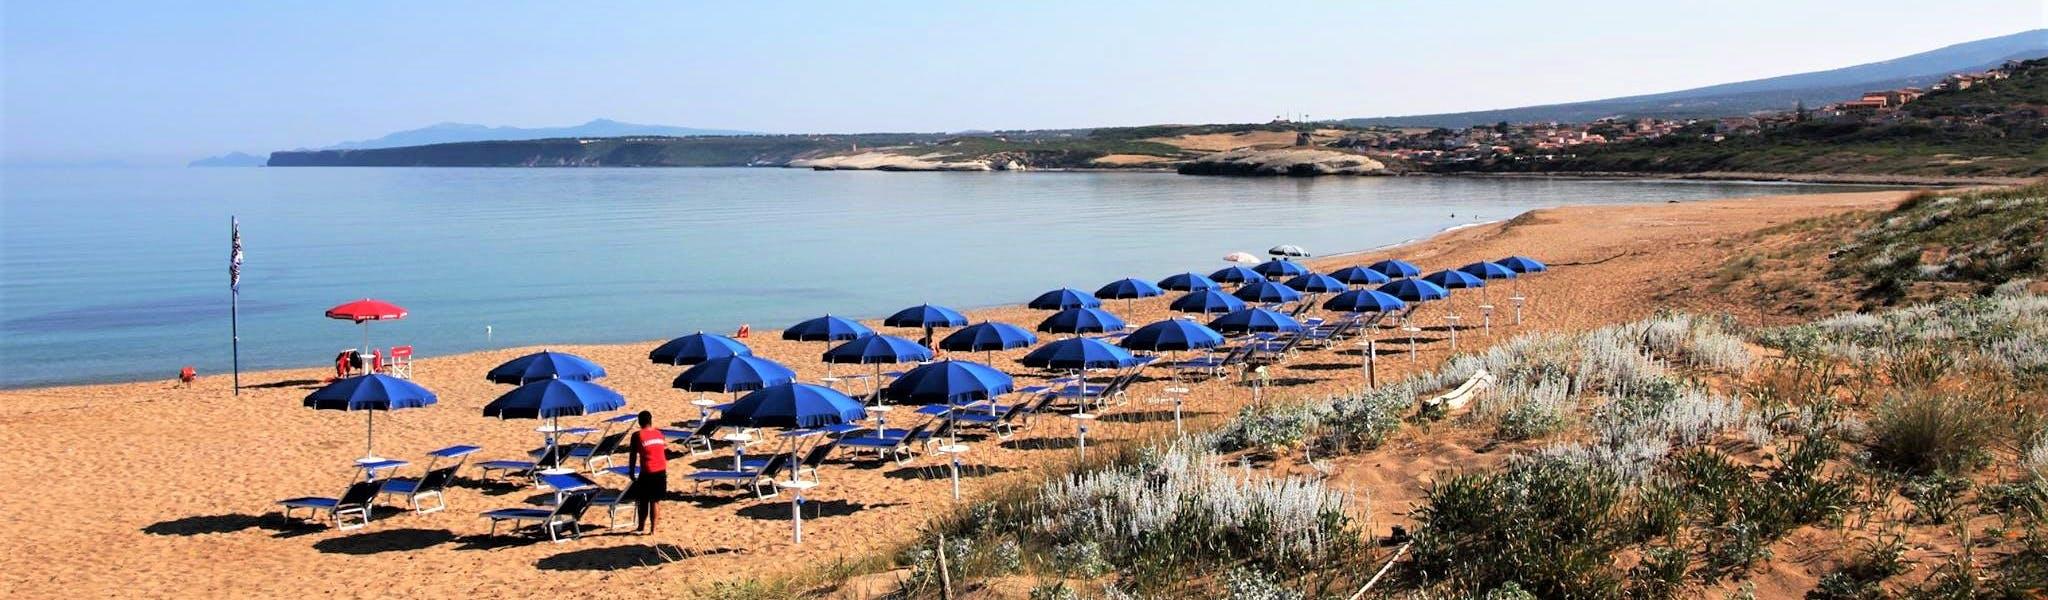 Strandbedden camping Bella Sardinia